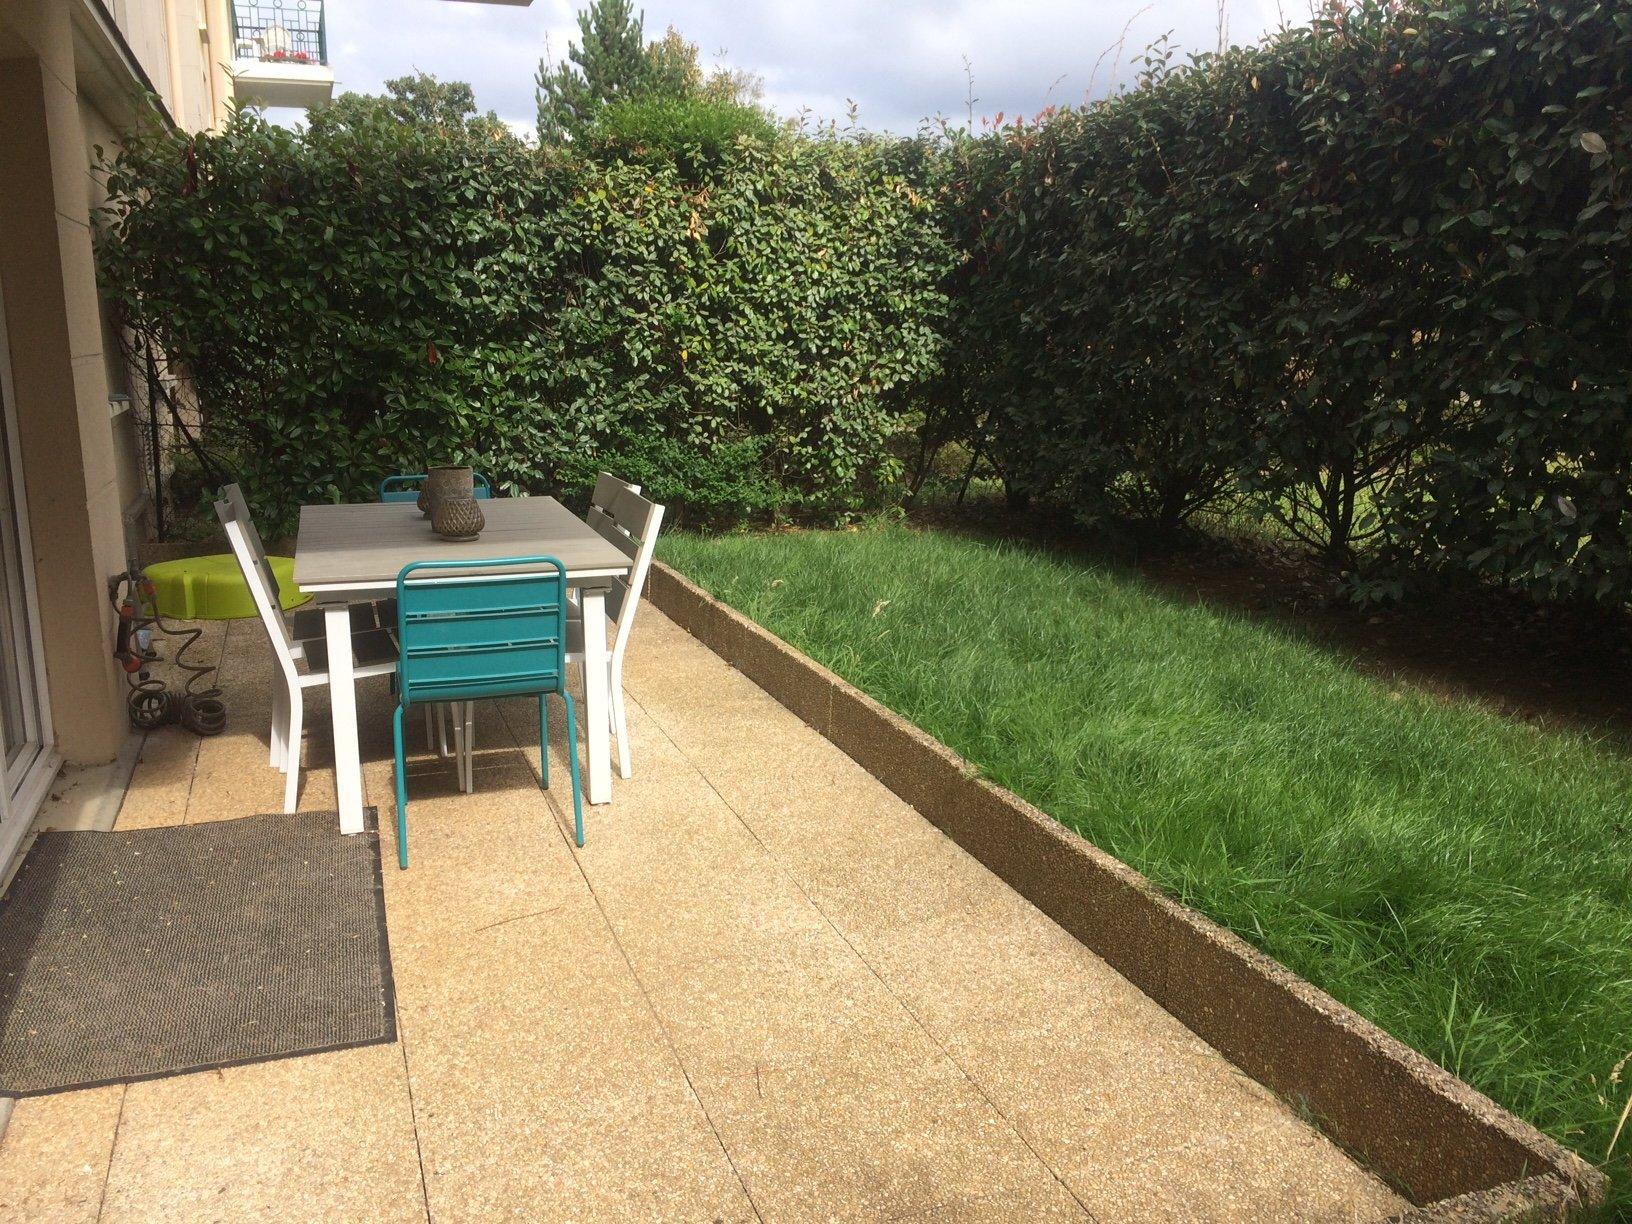 2 pièces meublé avec jardin, proximité RER et commerces.